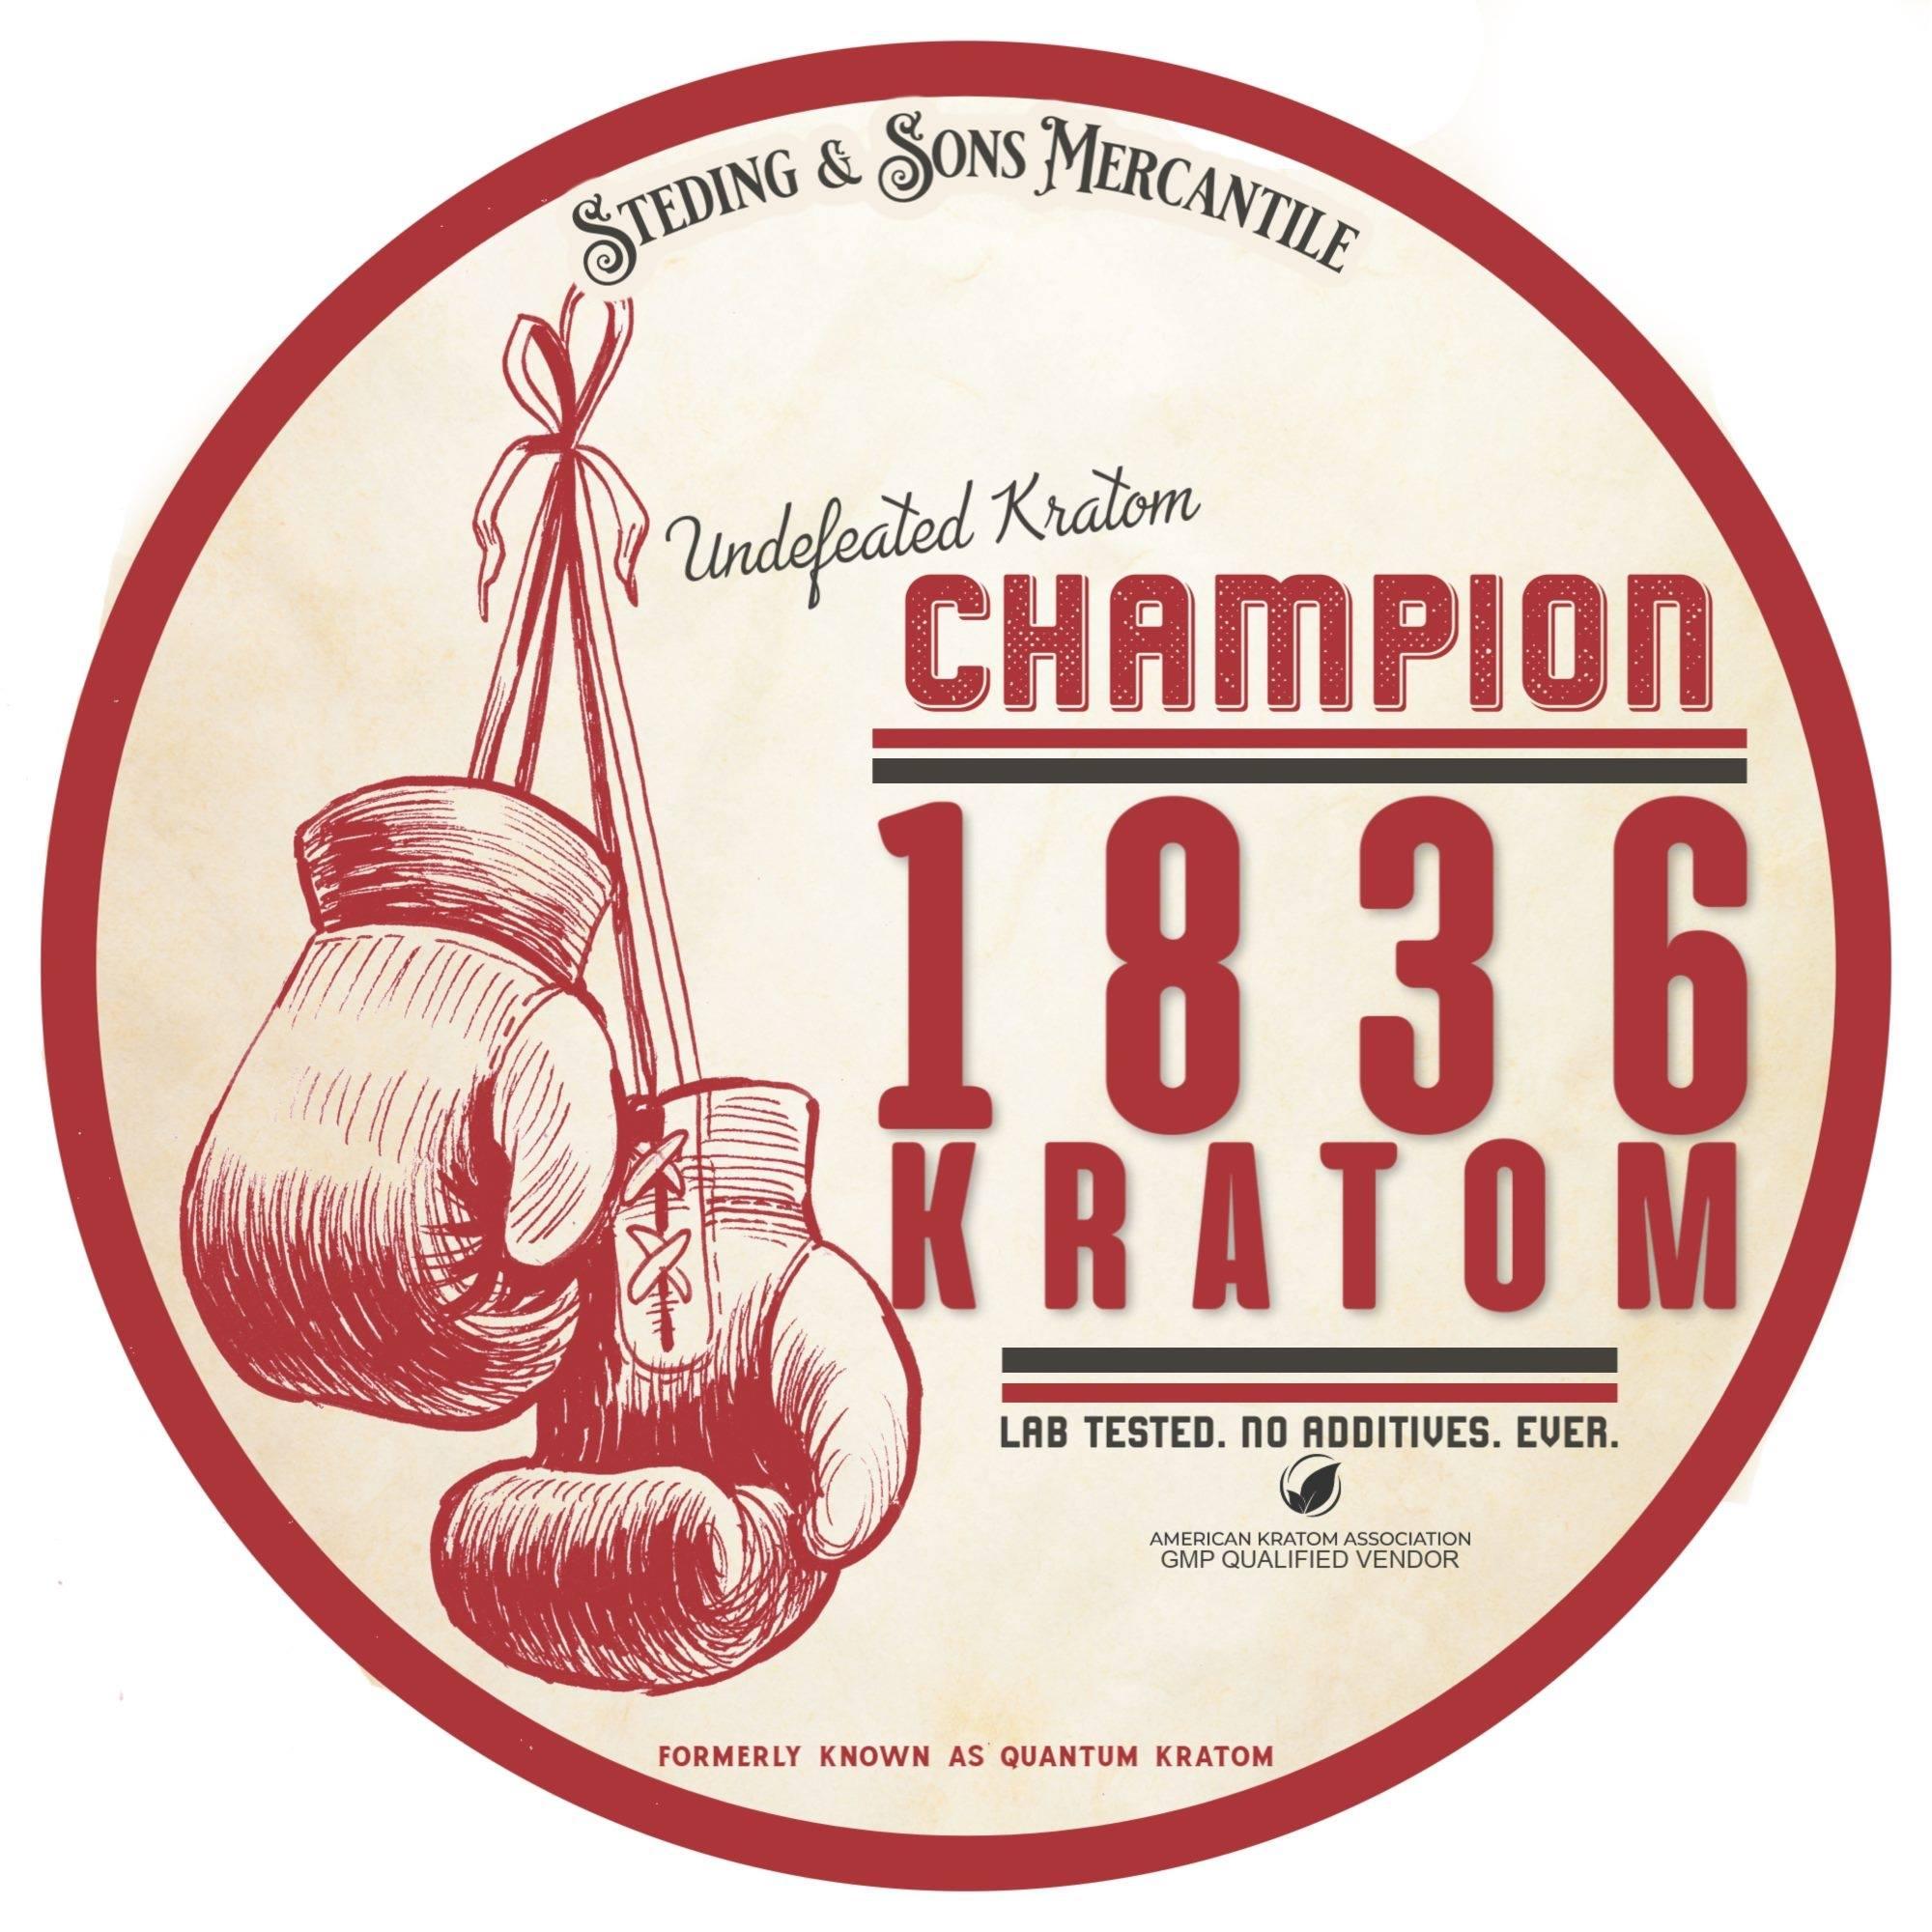 1836 Kratom